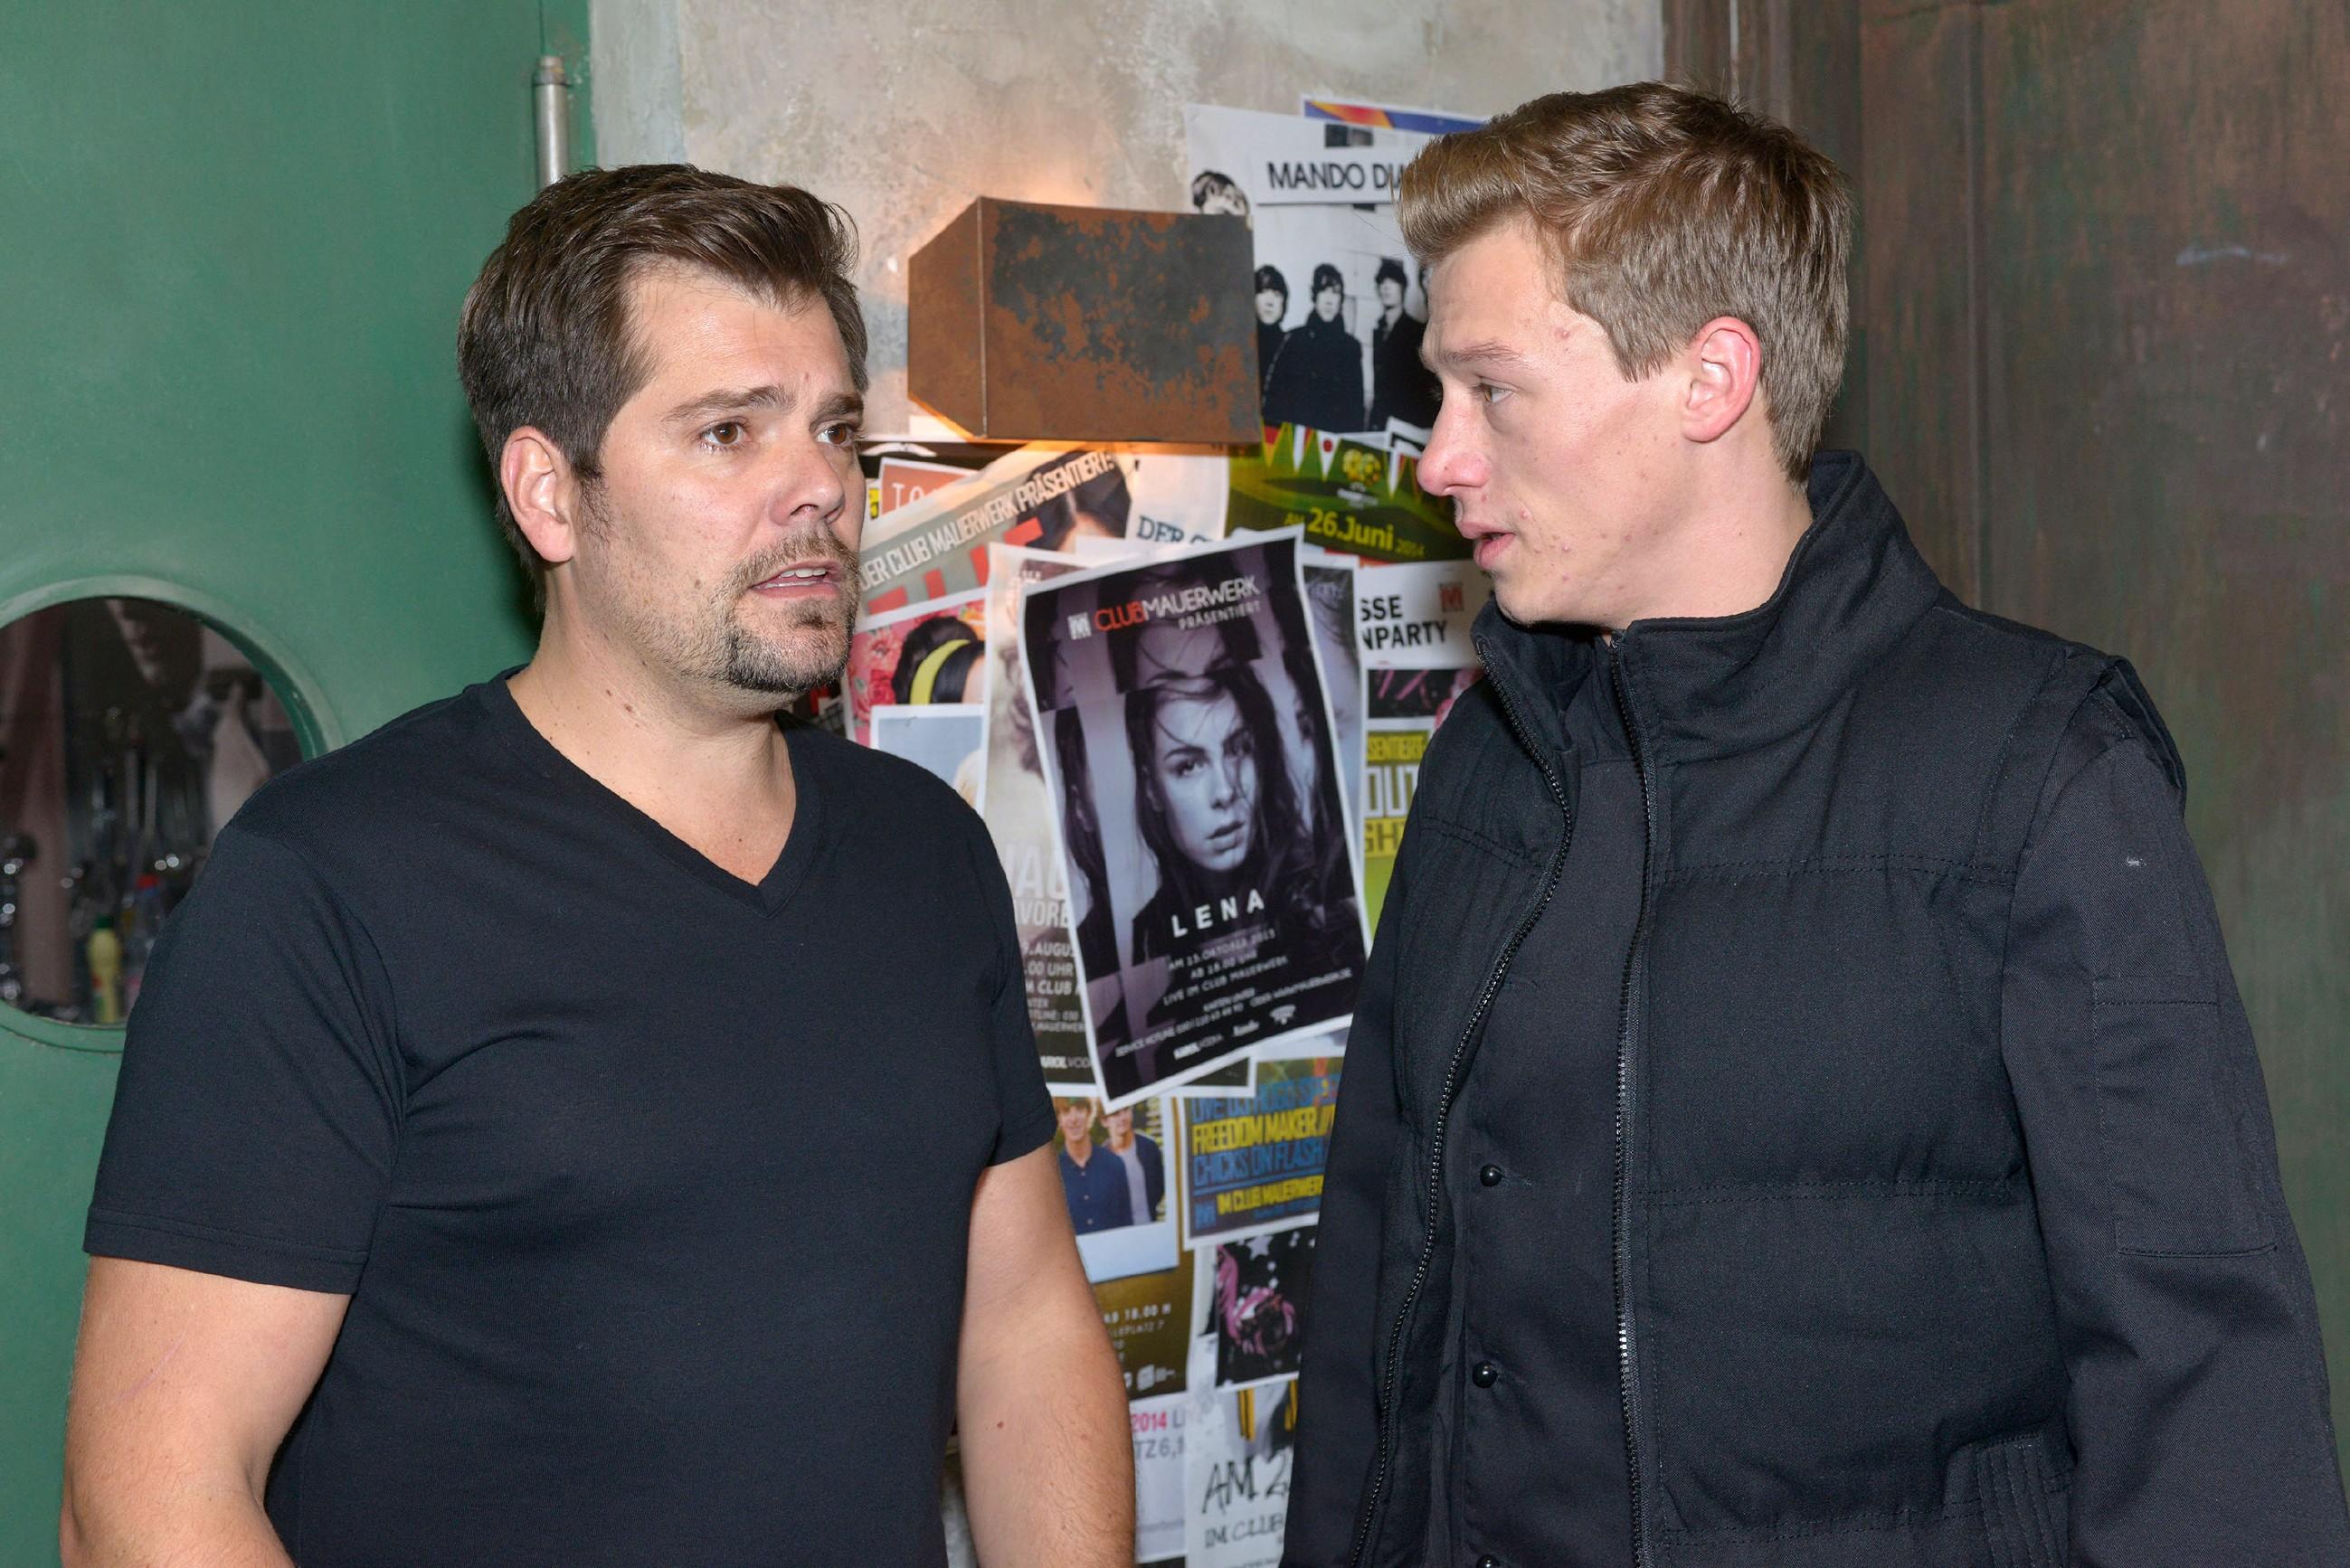 Vince (Vincent Krüger, r.) befürchtet, Leon (Daniel Fehlow) die Chance auf gute Publicity fürs Mauerwerk genommen zu haben, doch der reagiert zunächst überraschend locker...